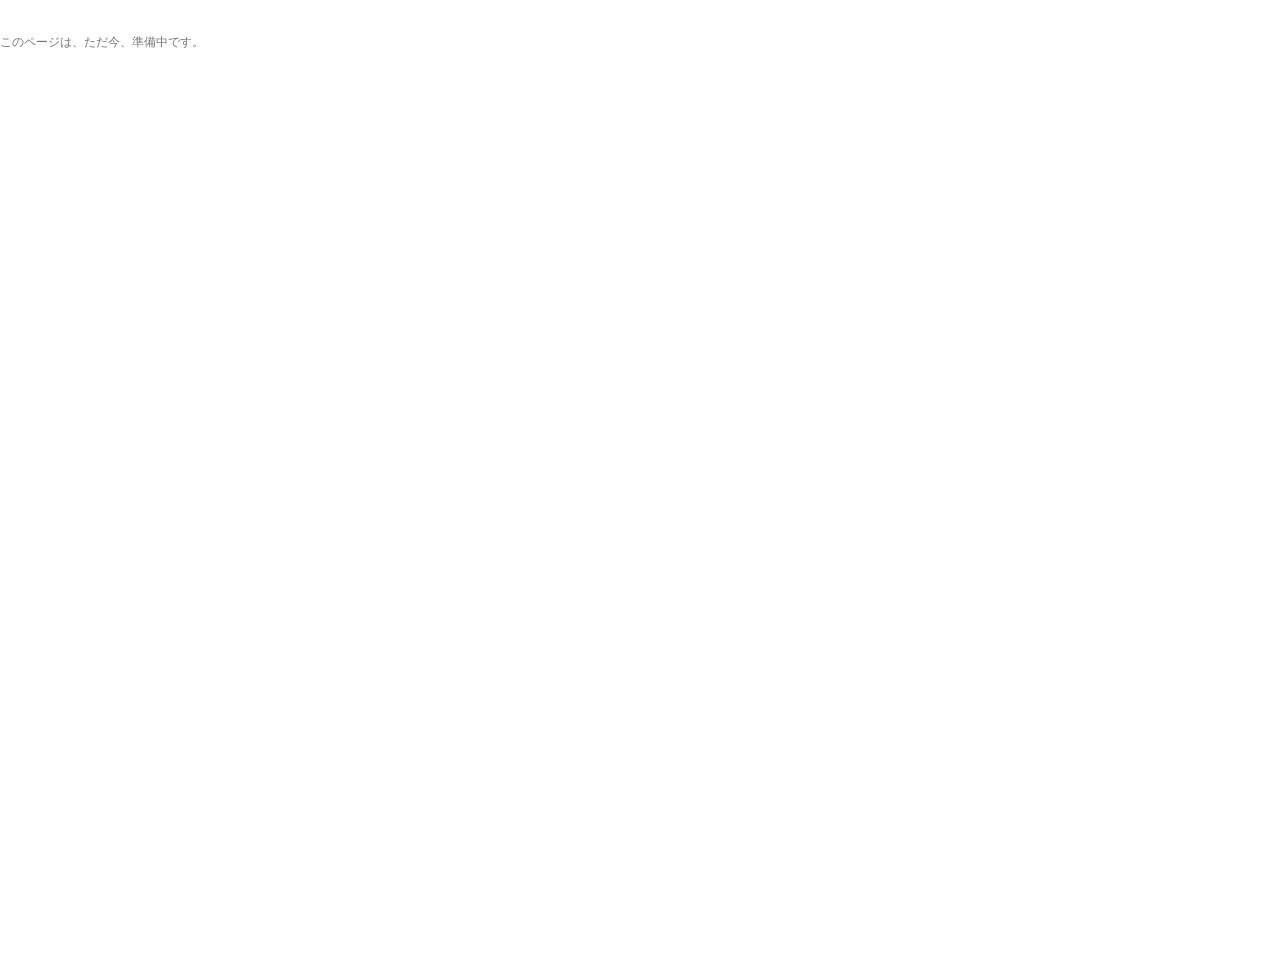 アスピア化粧品株式会社